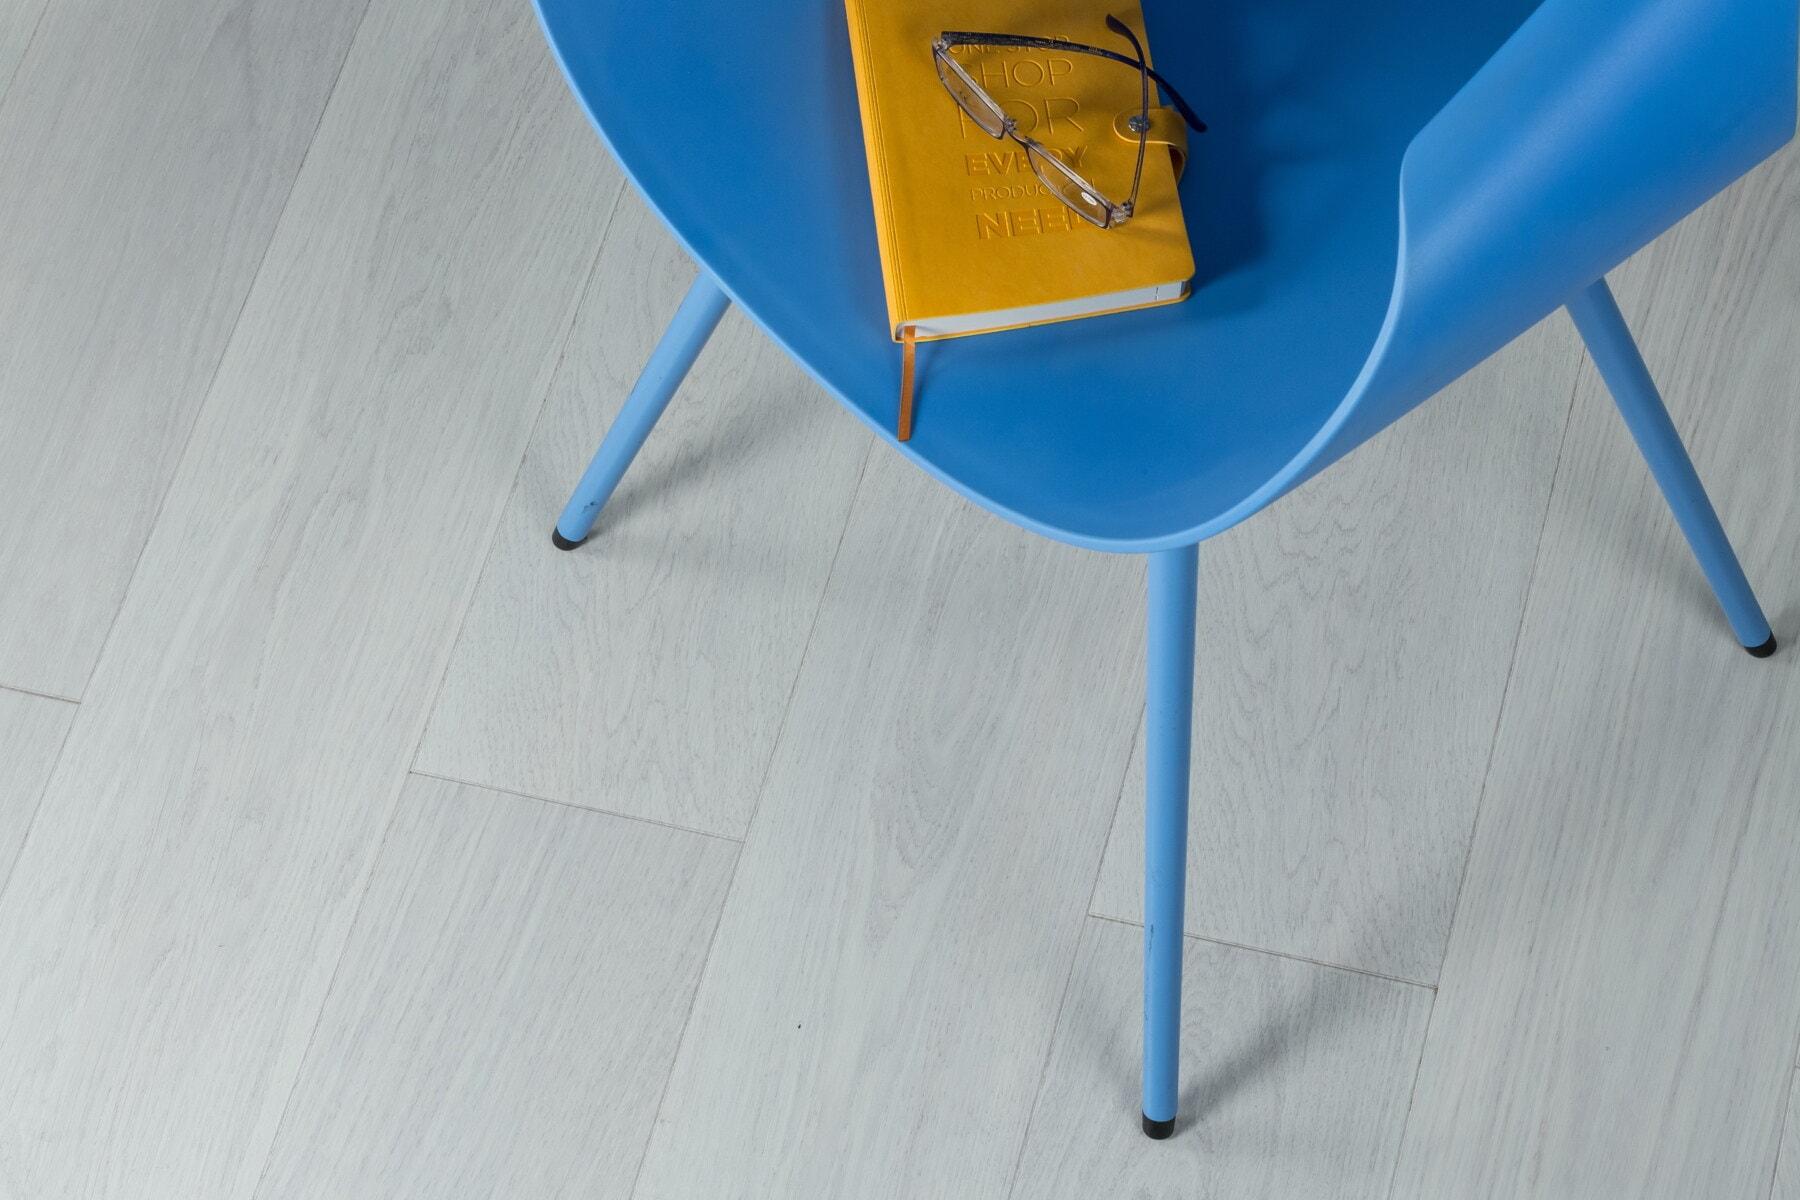 couverture rigide, Jaune, livre, en cuir, roman, lunettes de vue, Bureau, chaise, bleu, siège